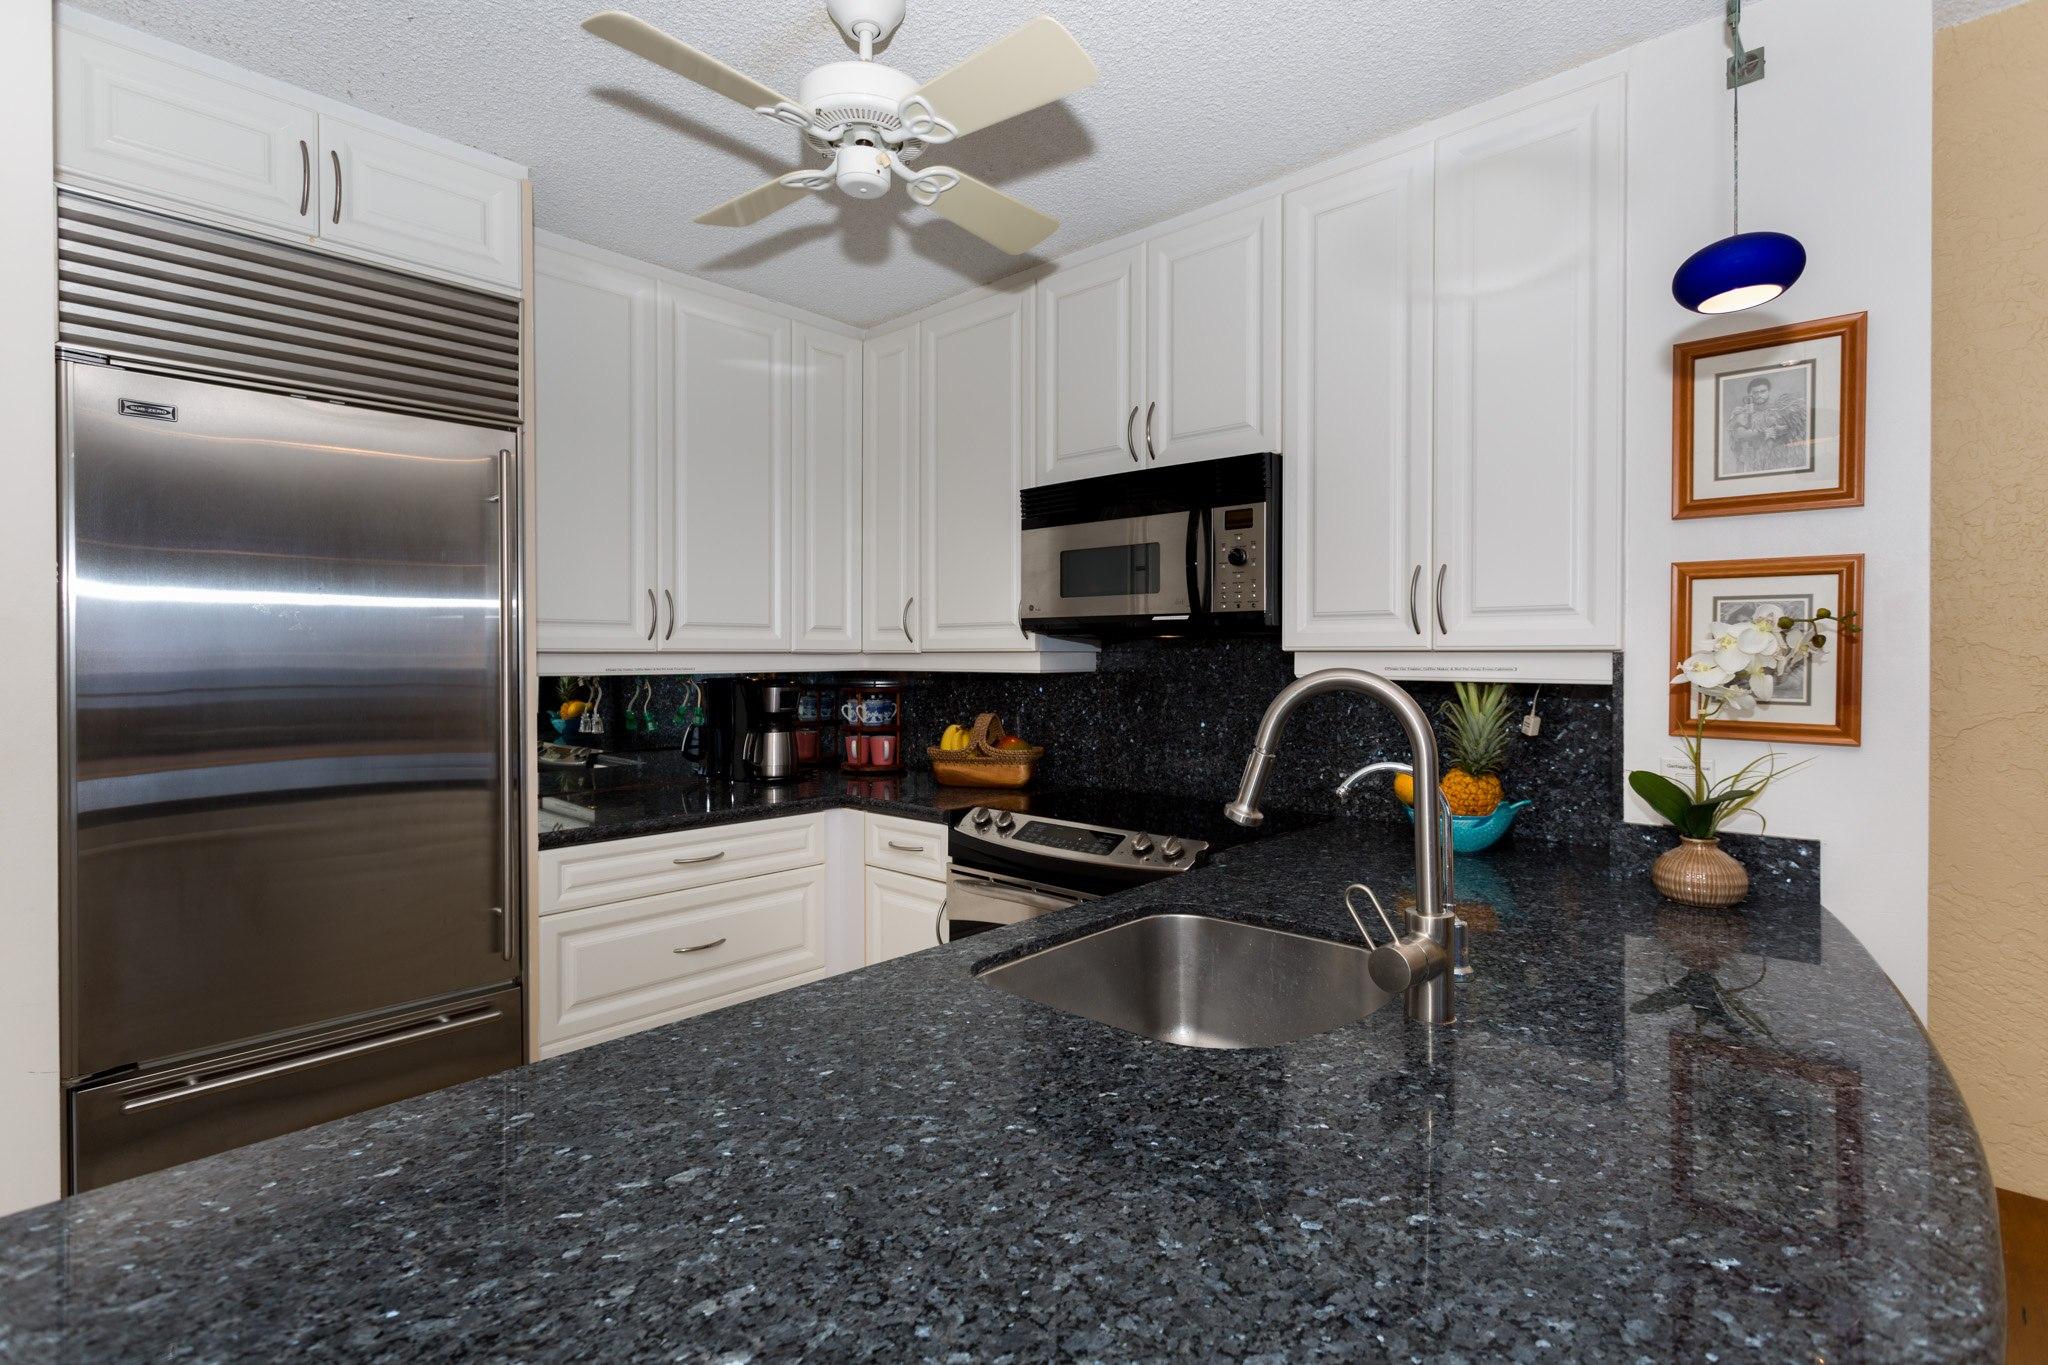 Kitchen with subzero fridge